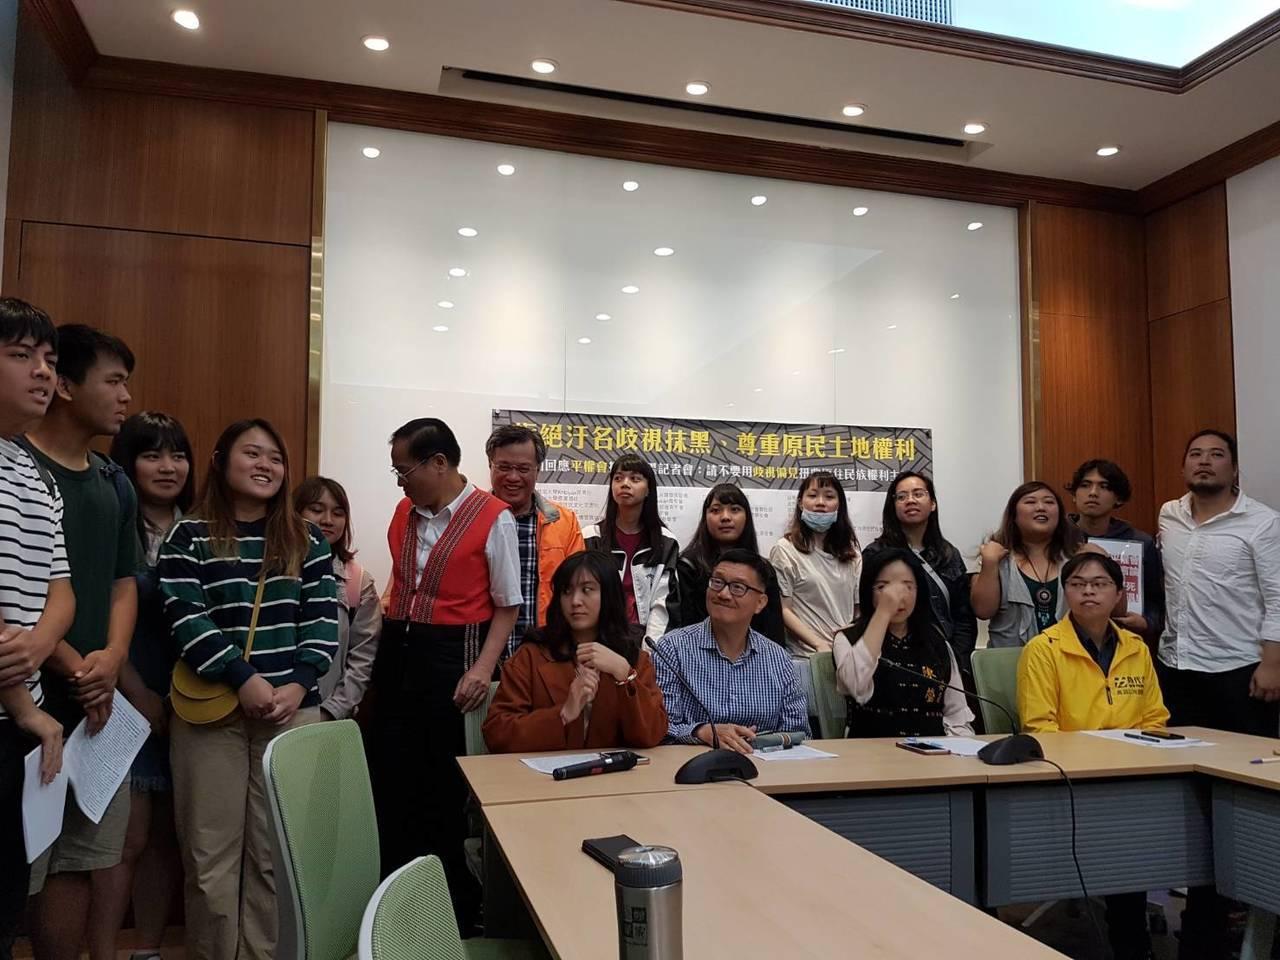 台灣原住民族權利促進會、台灣麥堤伊馬卡道族復振協會等46個原住民族、平埔族團體今...